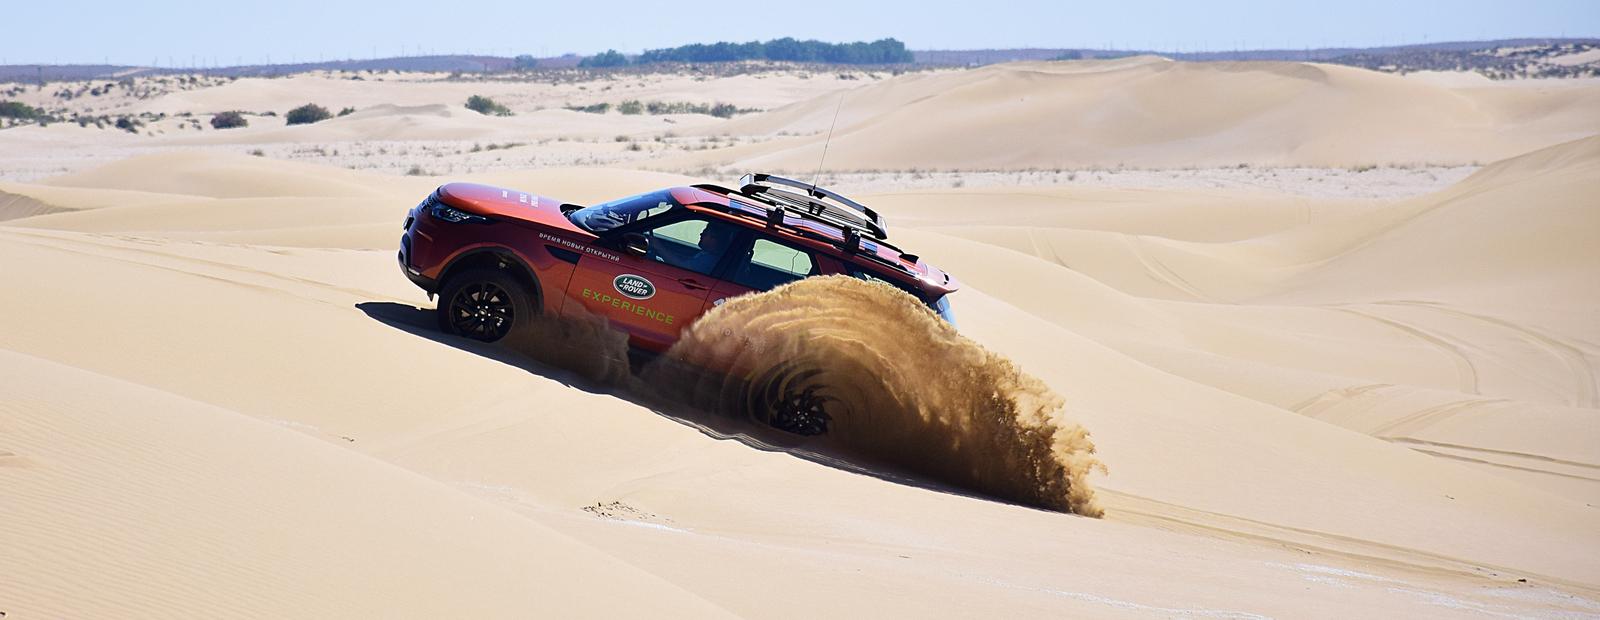 035 - Близкий космос: на новом Land Rover Discovery – по плато Устюрт